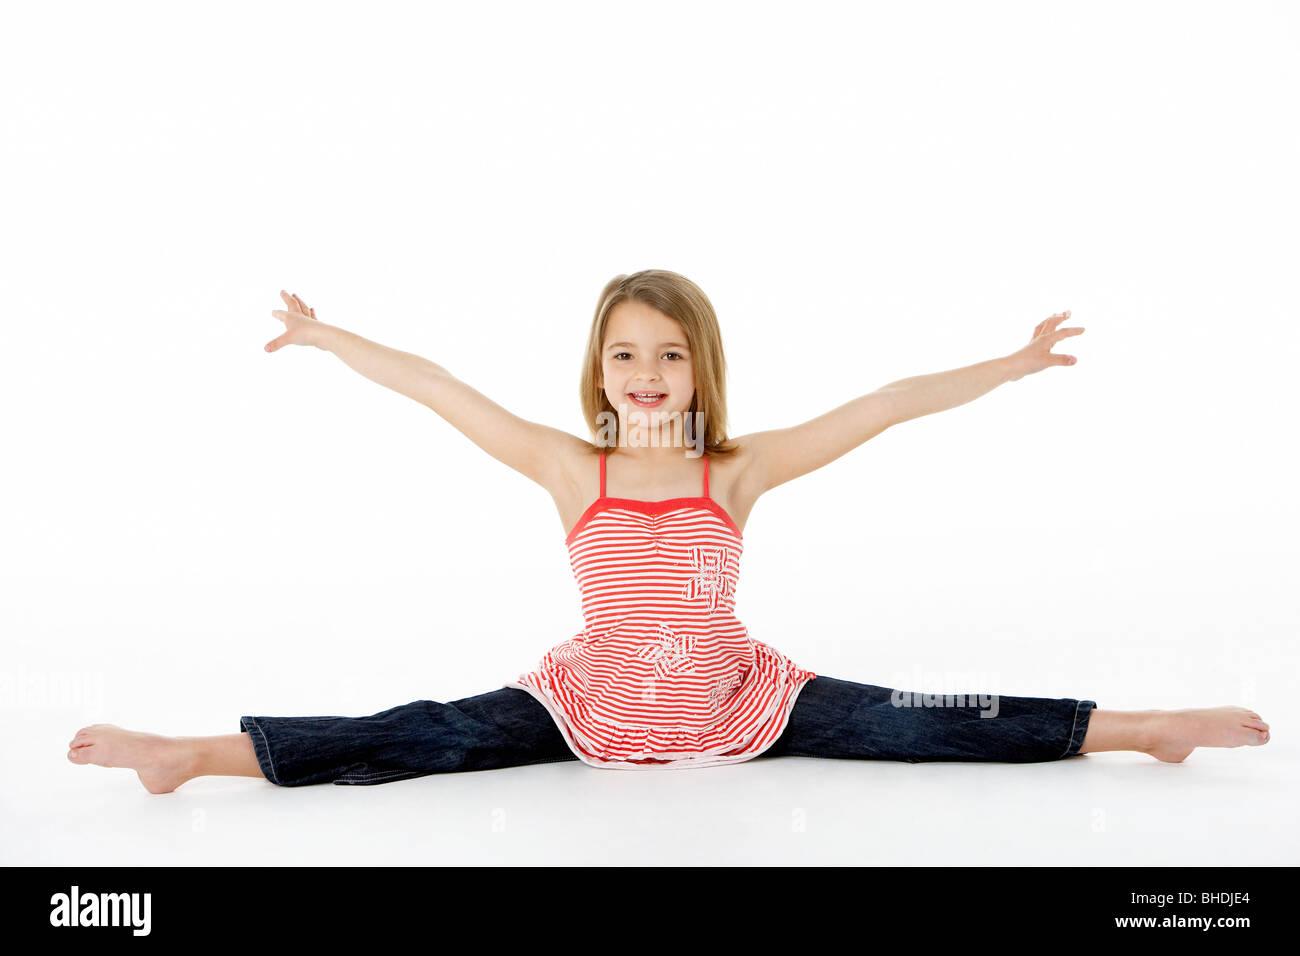 Giovane ragazza in posa di ginnastica facendo Gruppi Immagini Stock